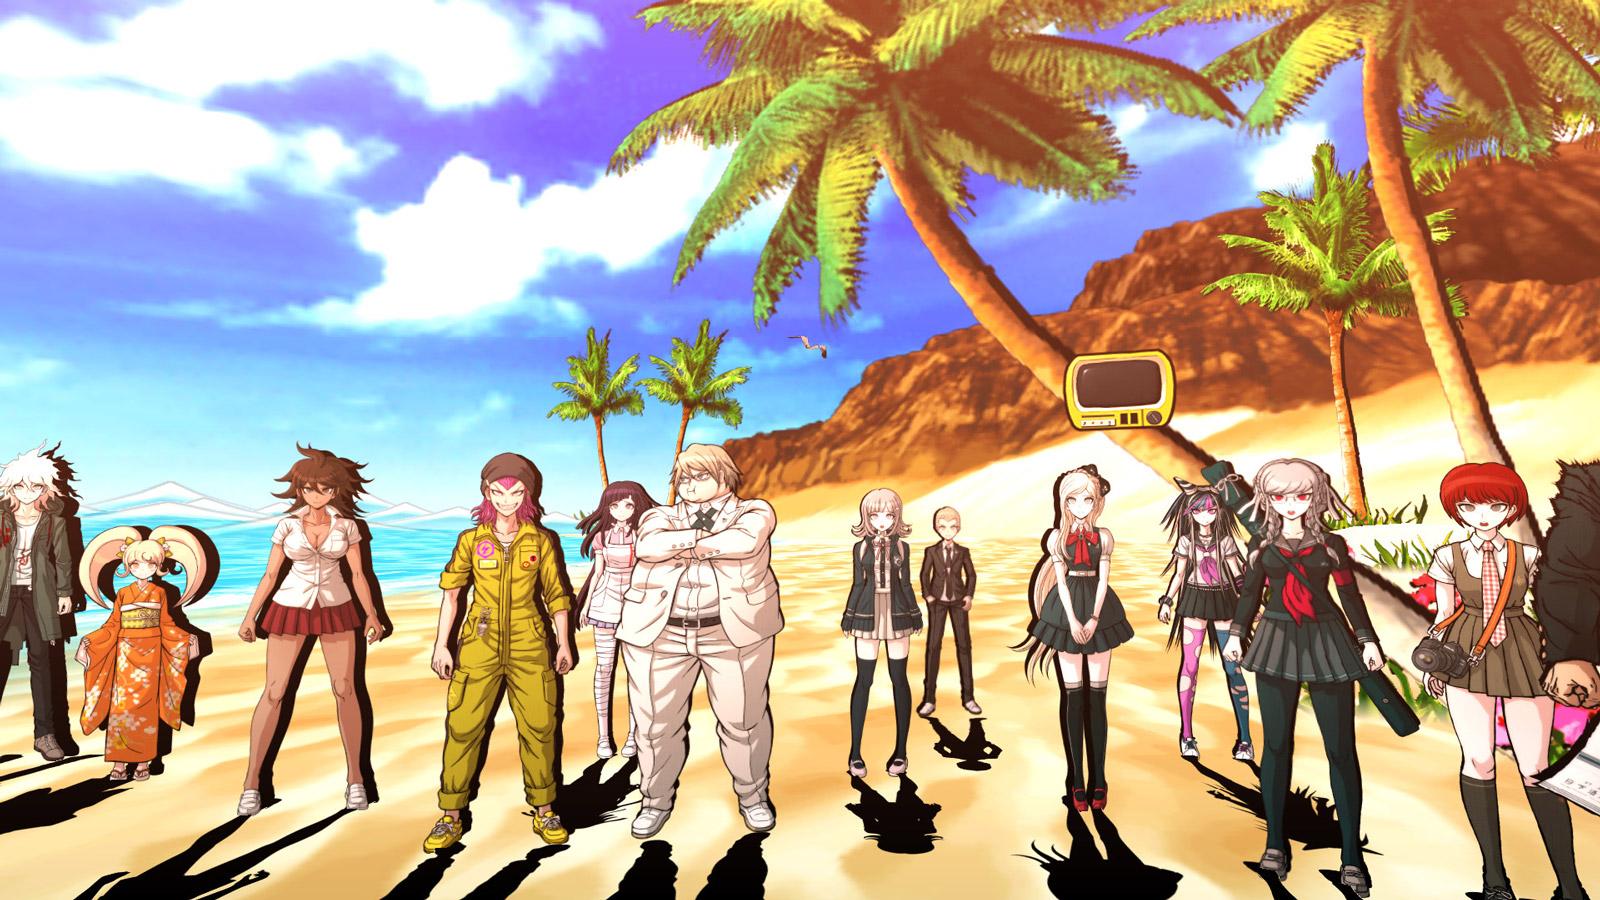 Free Danganronpa 2: Goodbye Despair Wallpaper in 1600x900